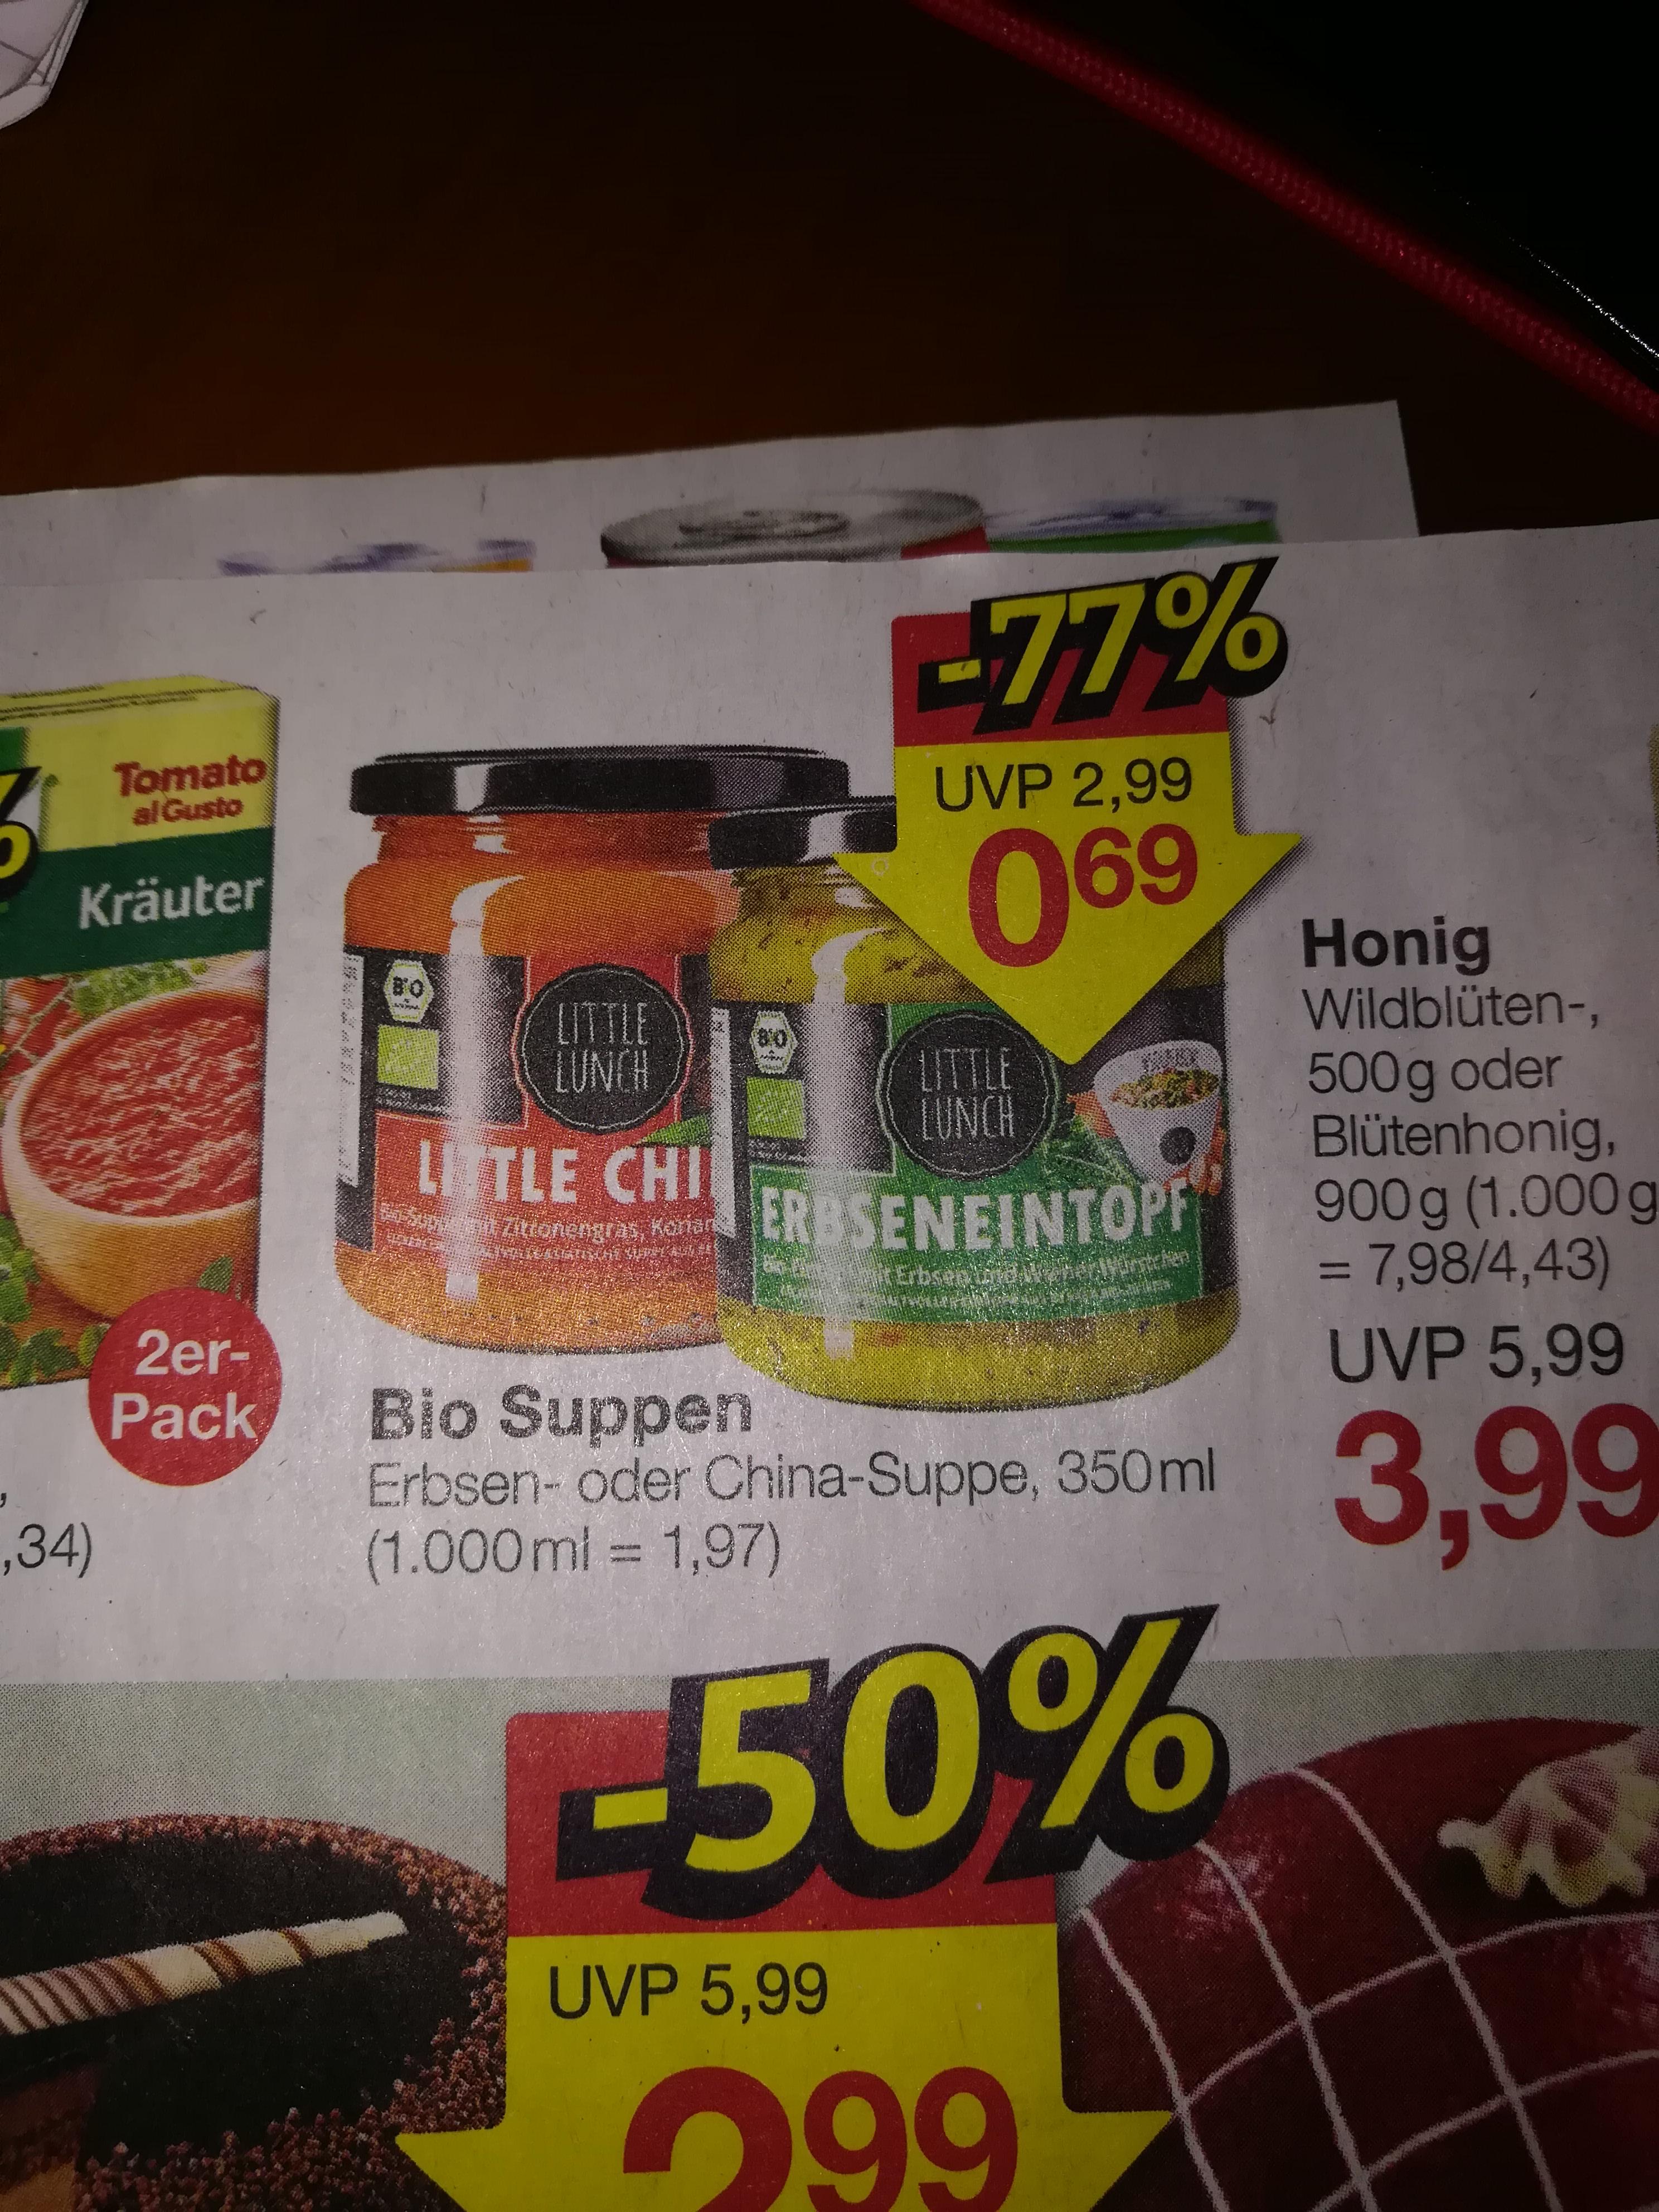 [Jawoll] Little Lunch Bio Suppen für 0,69€